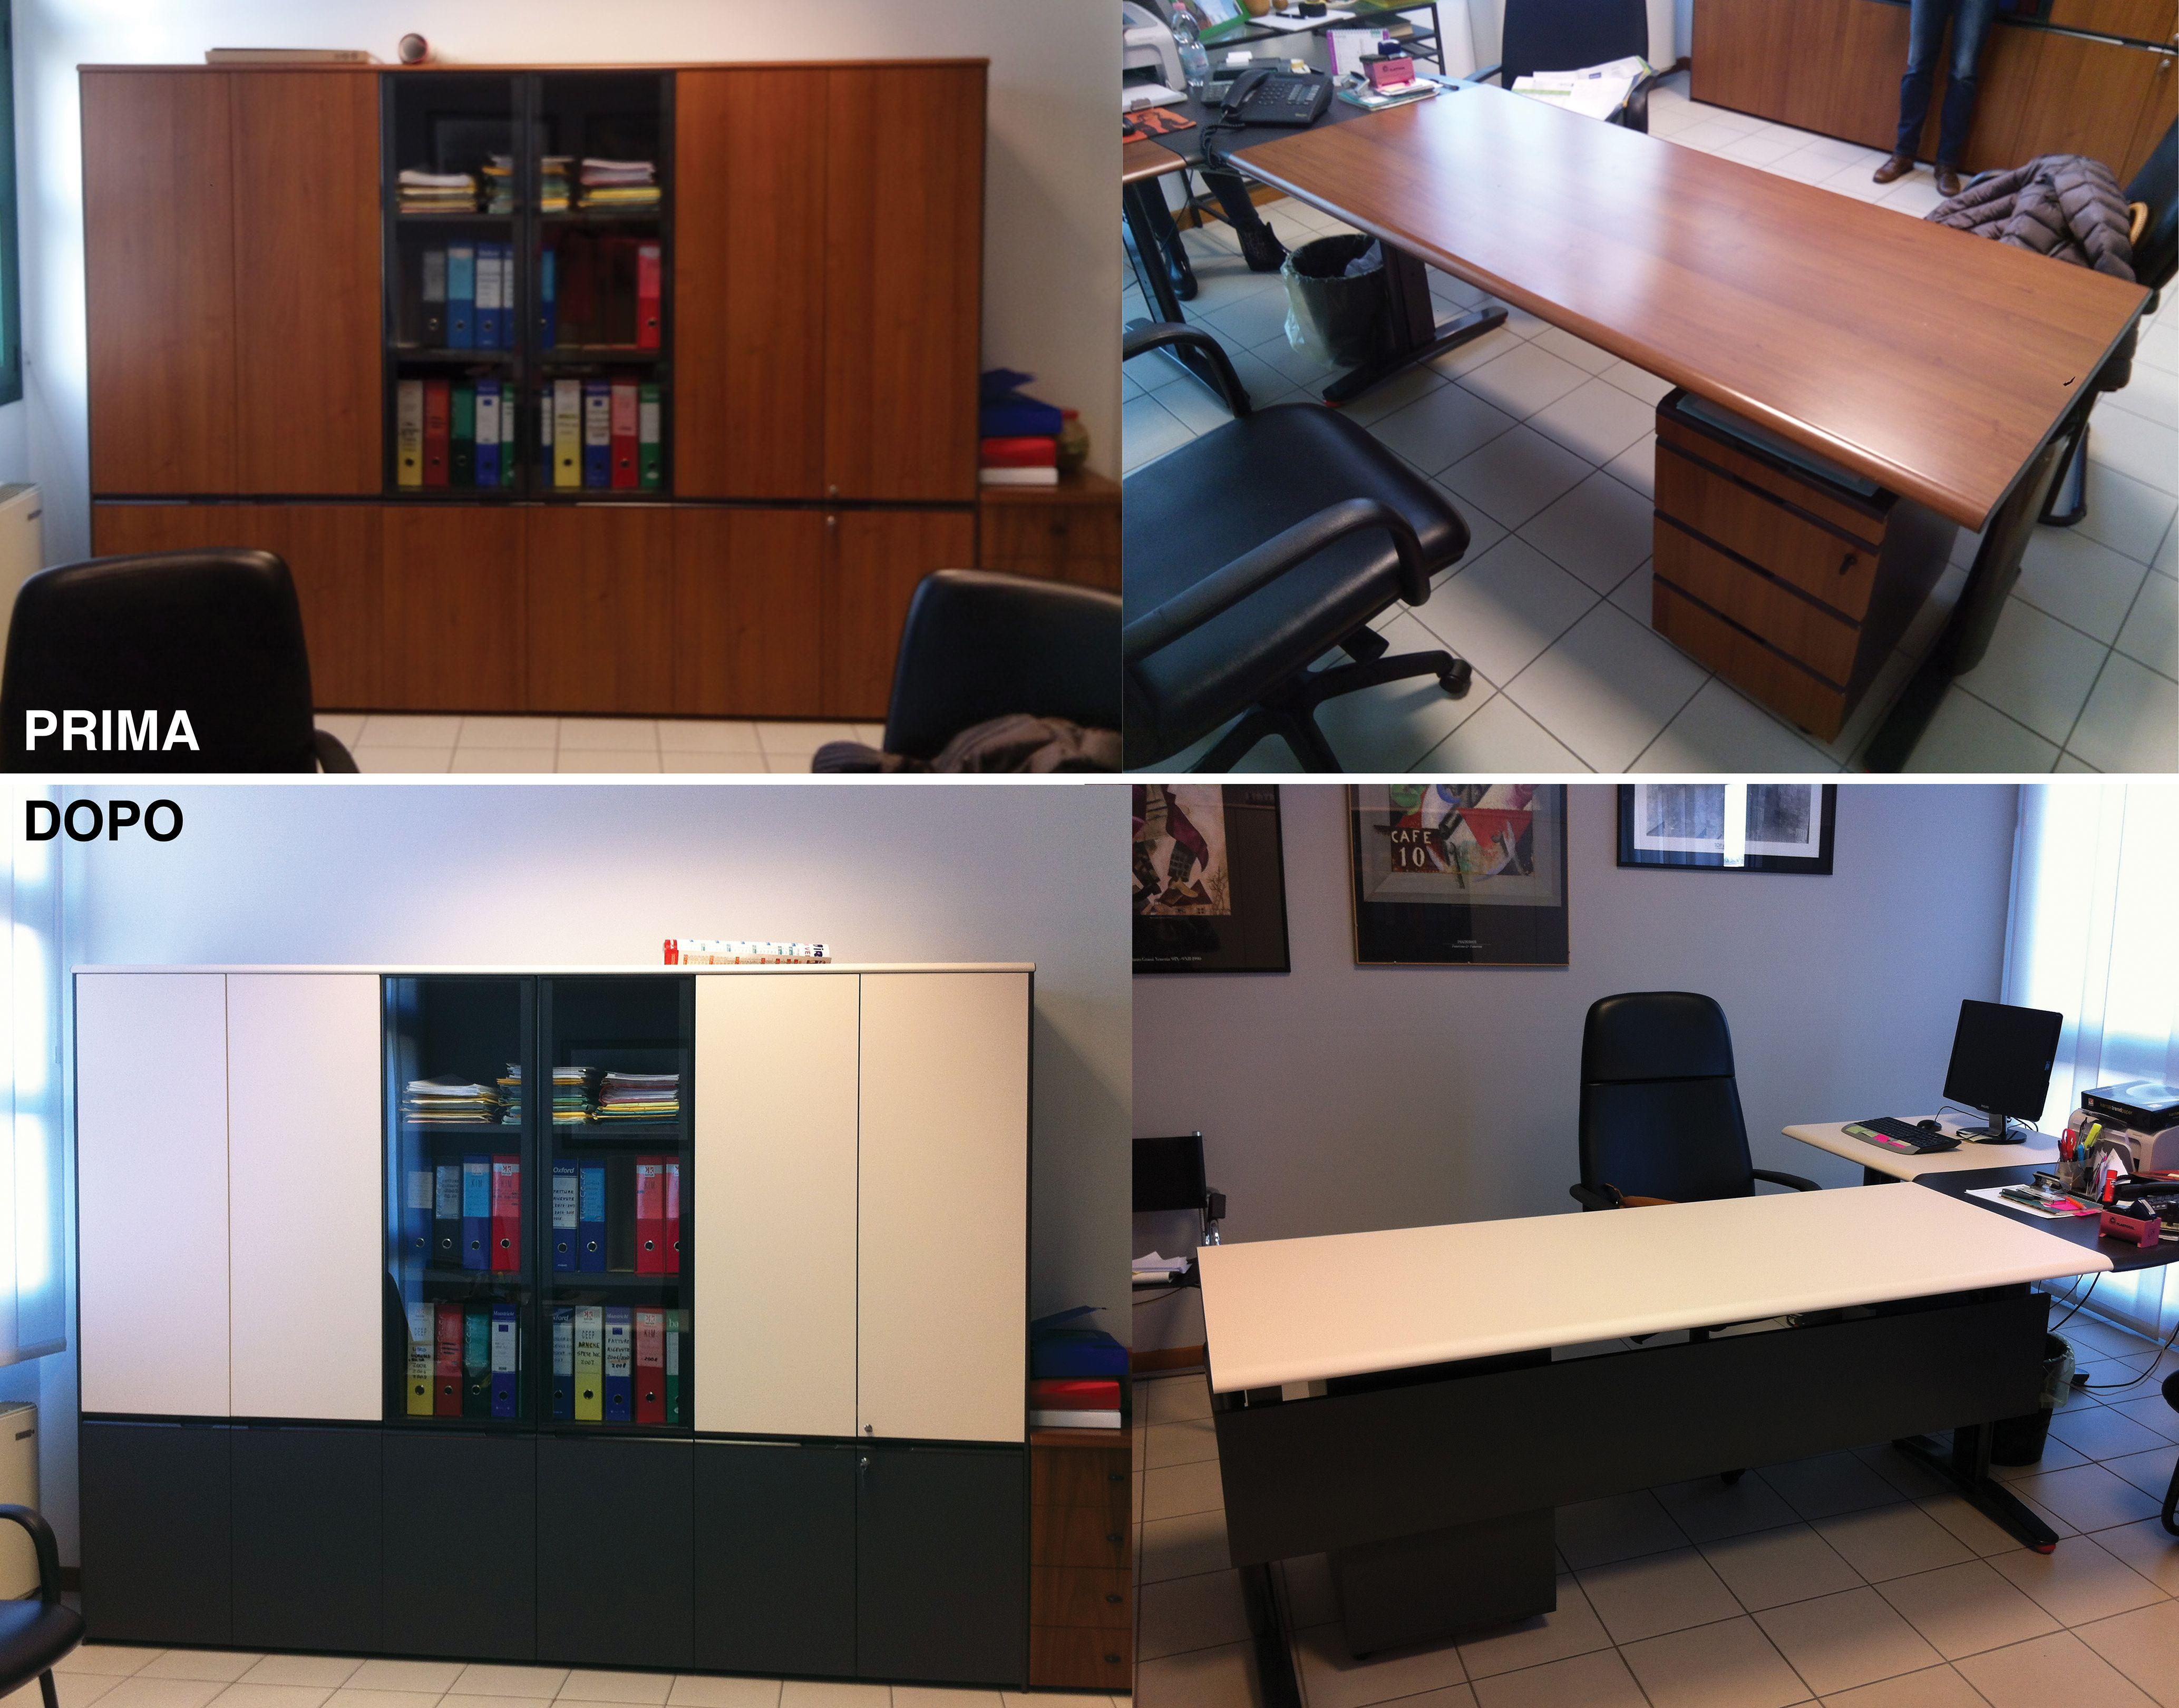 Riqualificazione ufficio armadio e scrivania con - Pellicola adesiva colorata per mobili ...